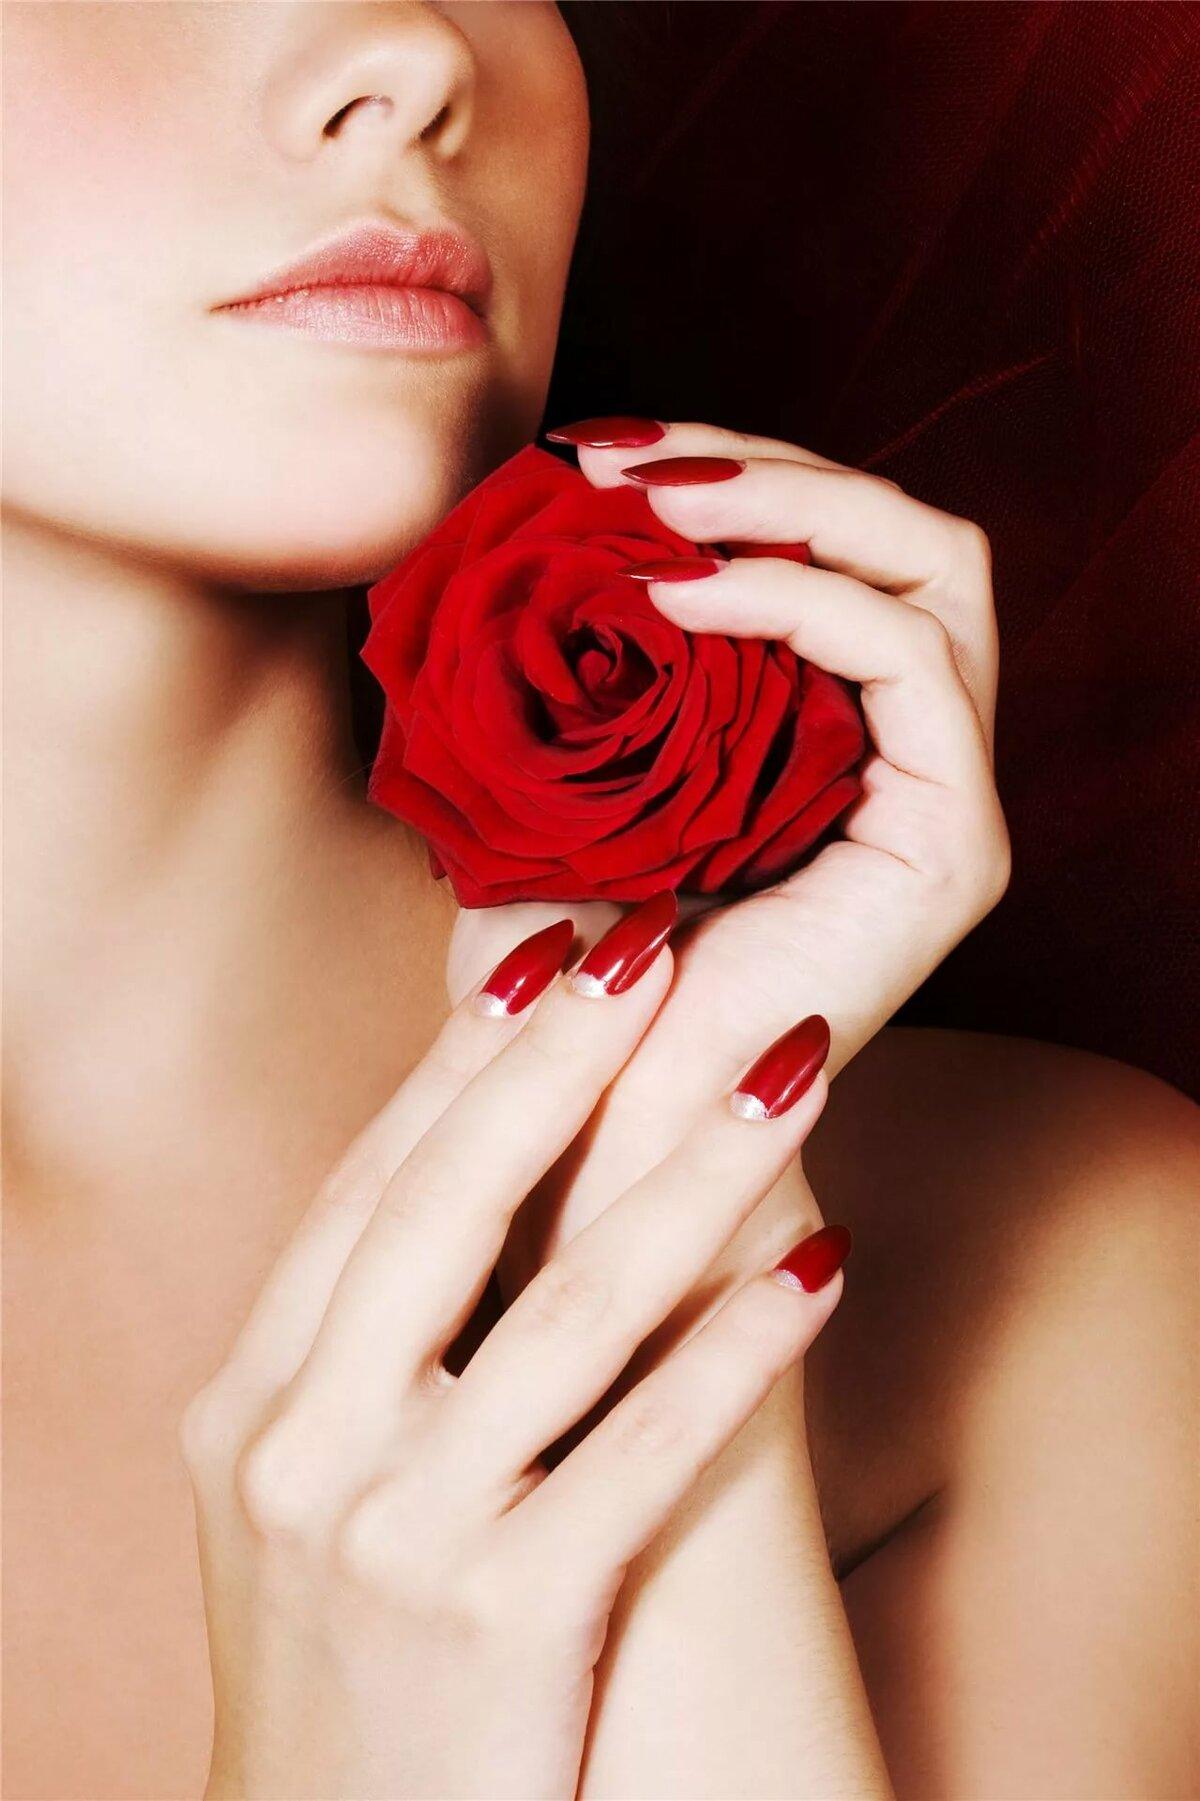 Девушка и розы картинки, помощи картинки смешные